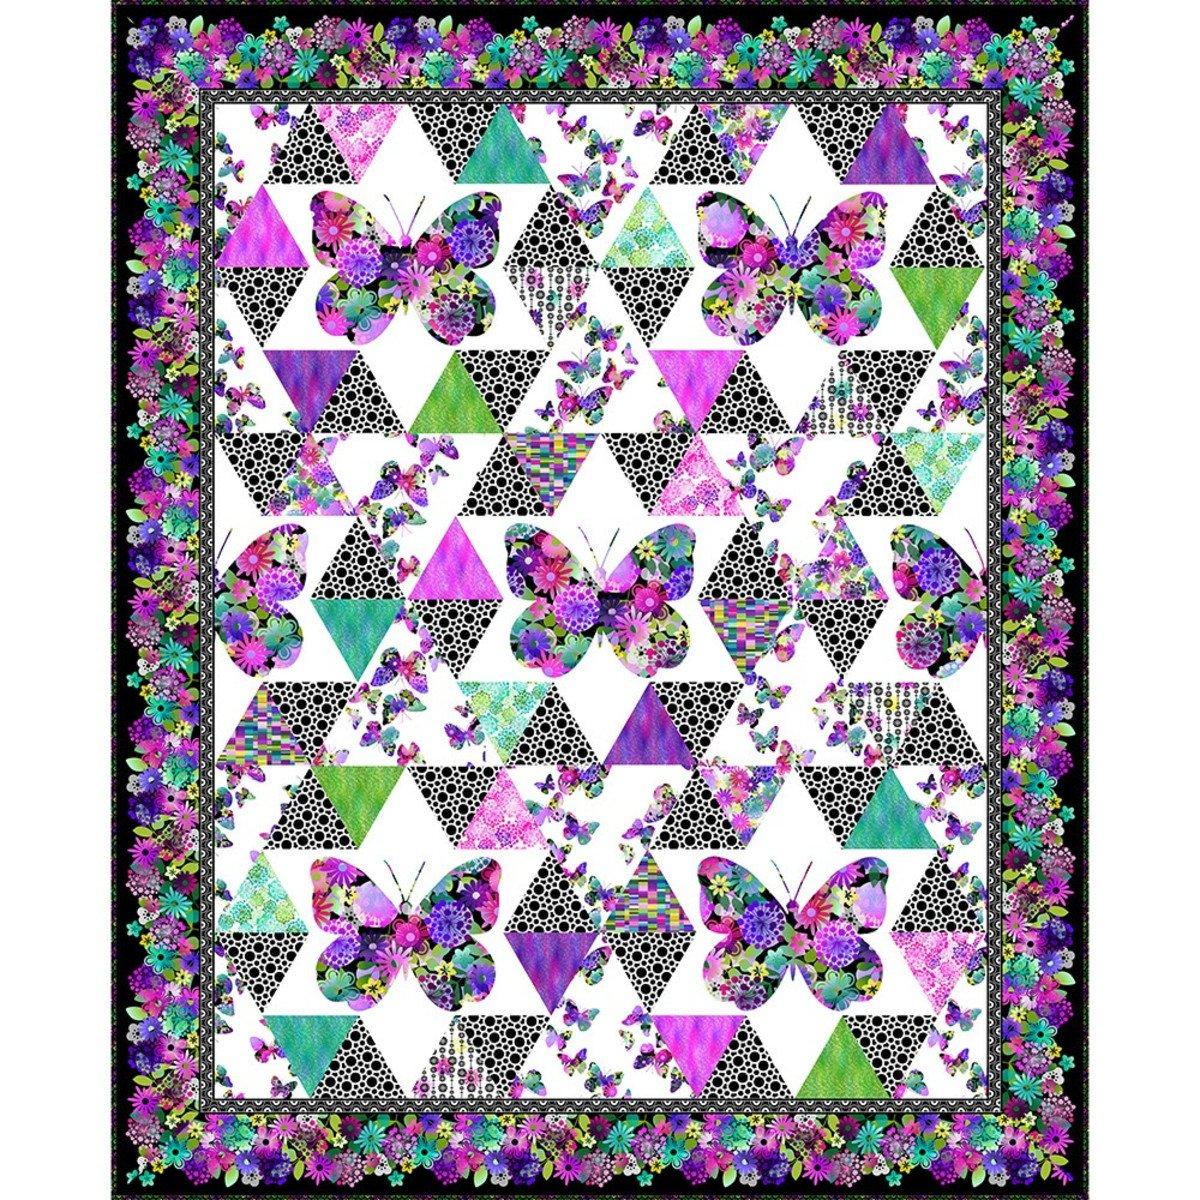 A Groovy Garden Butterfly Quilt Pattern